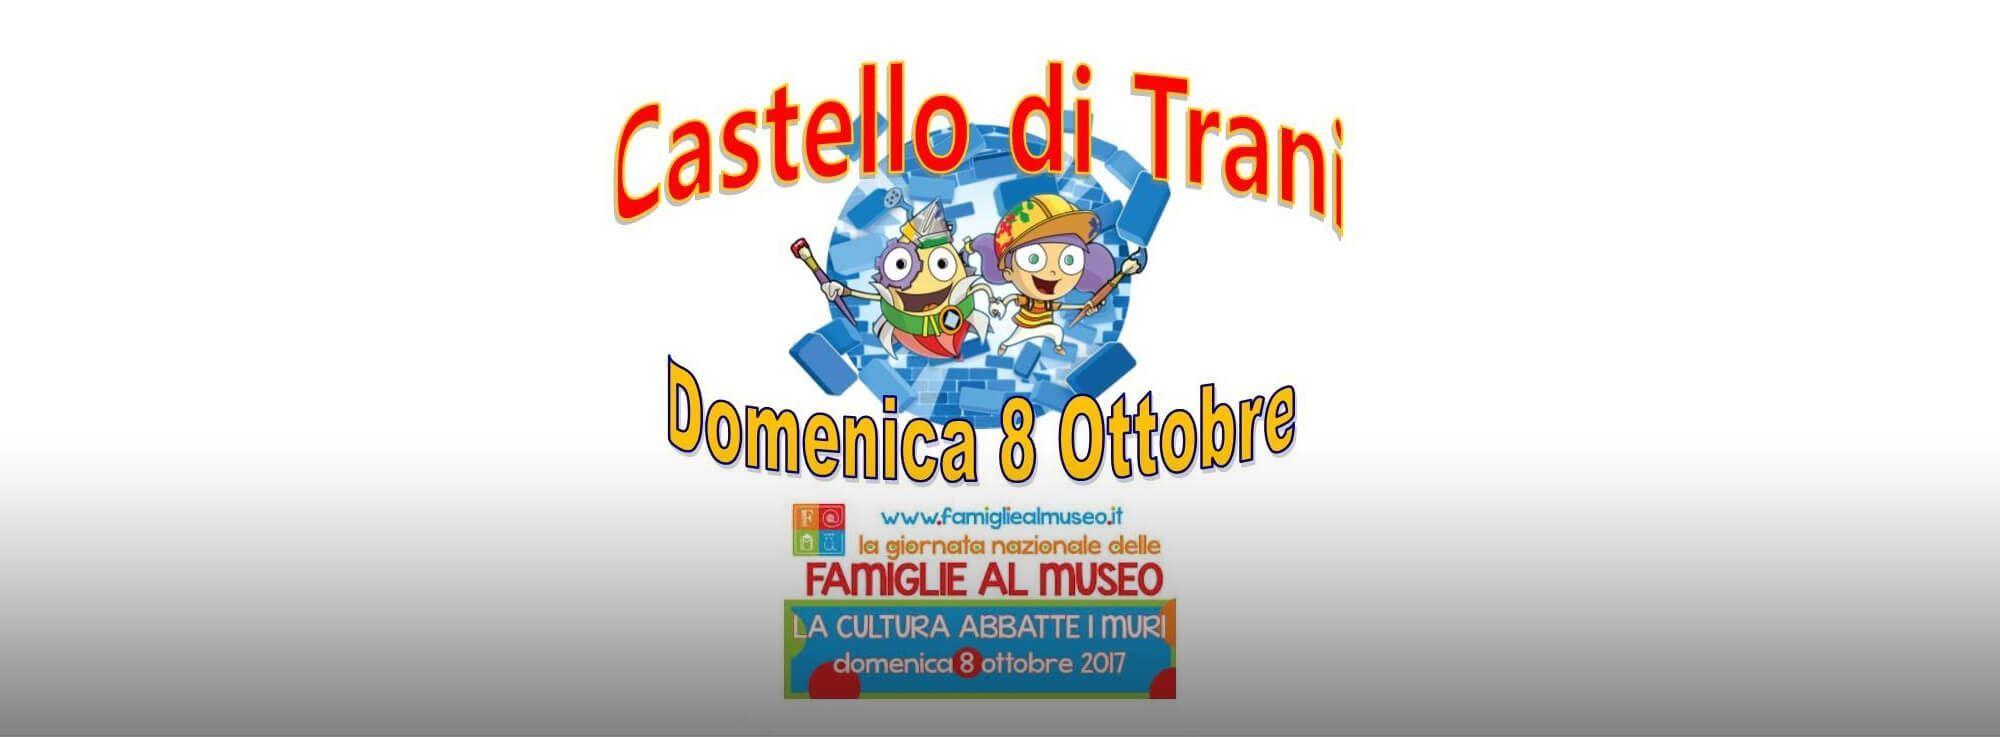 Trani: Famiglie al museo